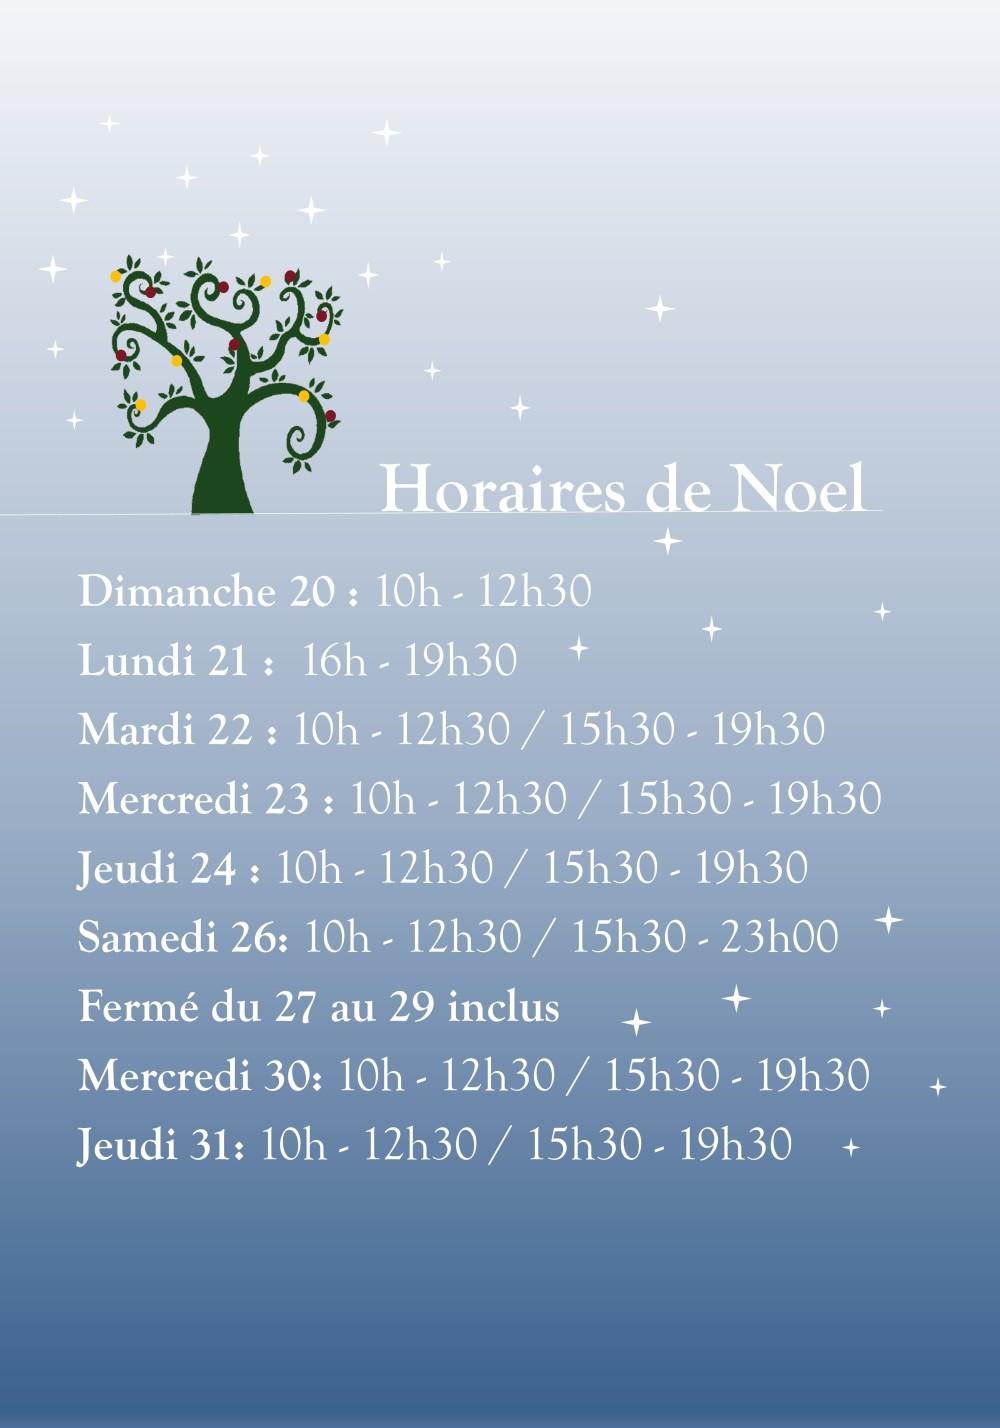 horaires de noel